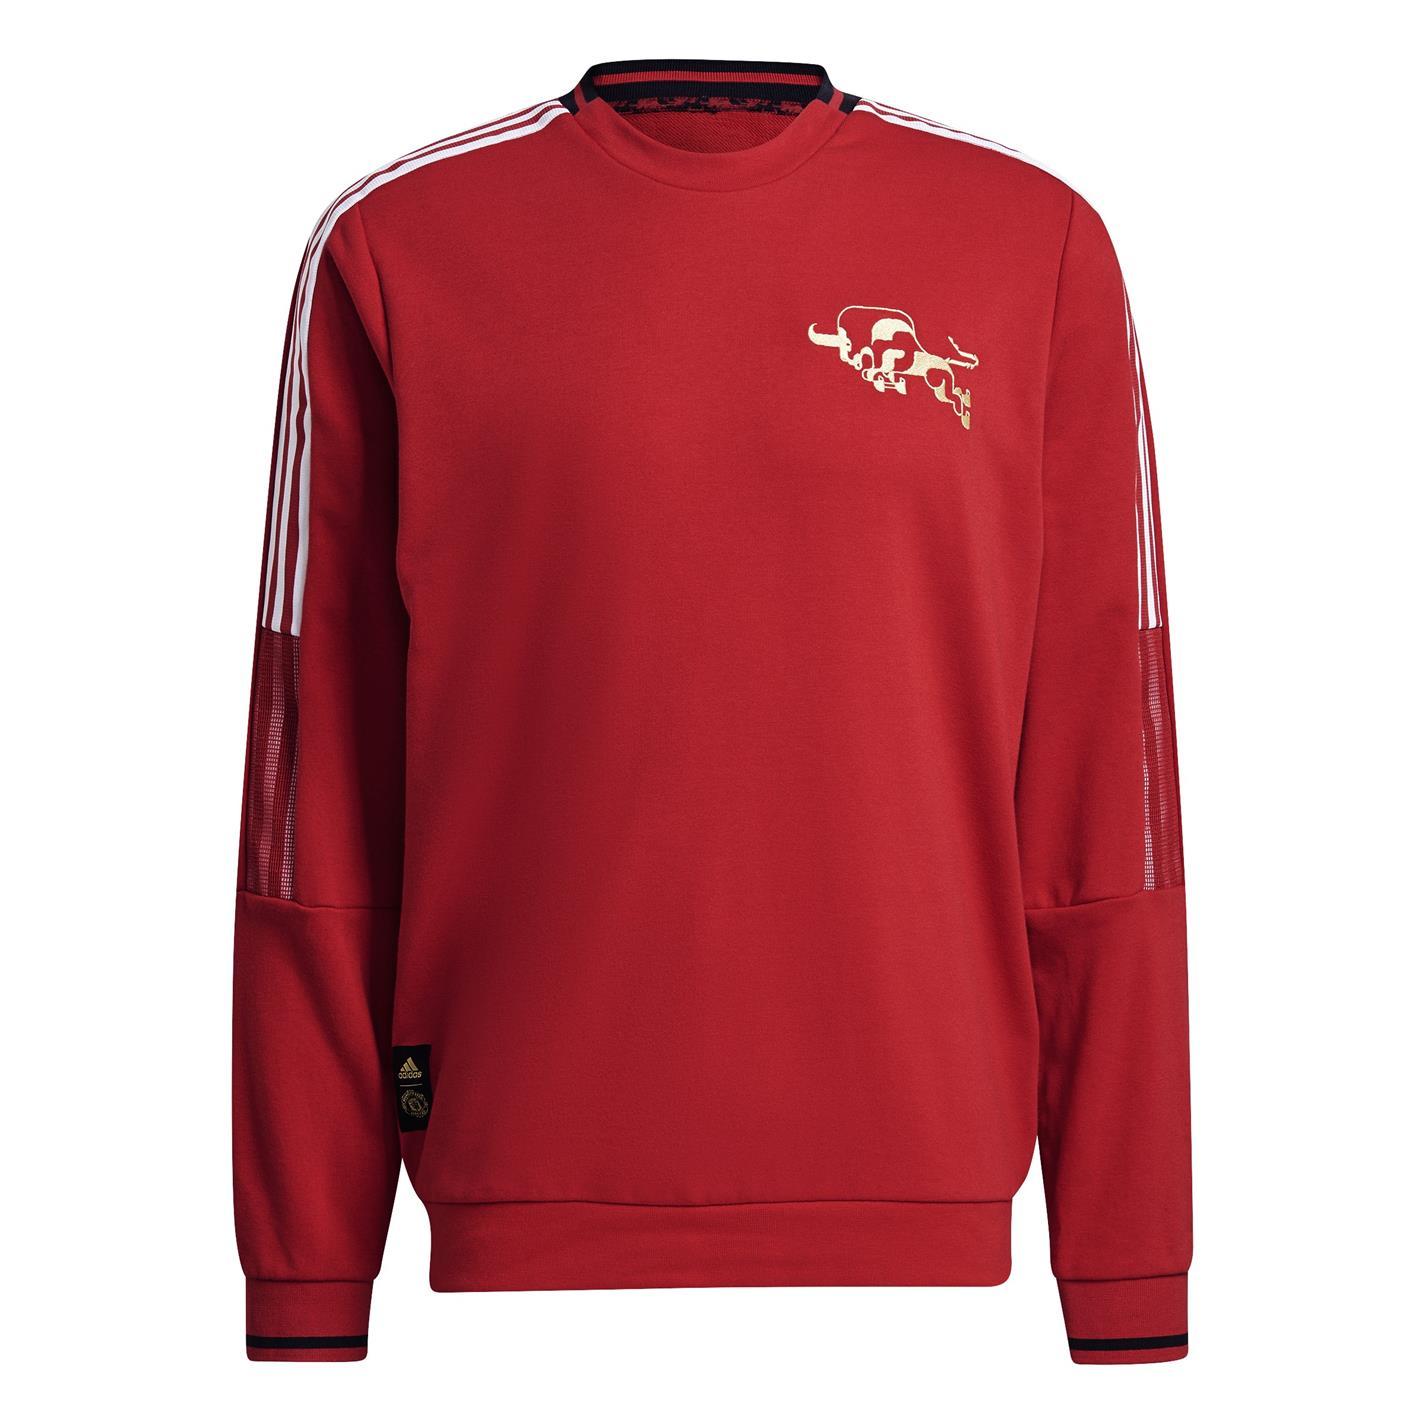 Mergi la Bluza de trening adidas Manchester United Chinese New Year pentru Barbati real rosu